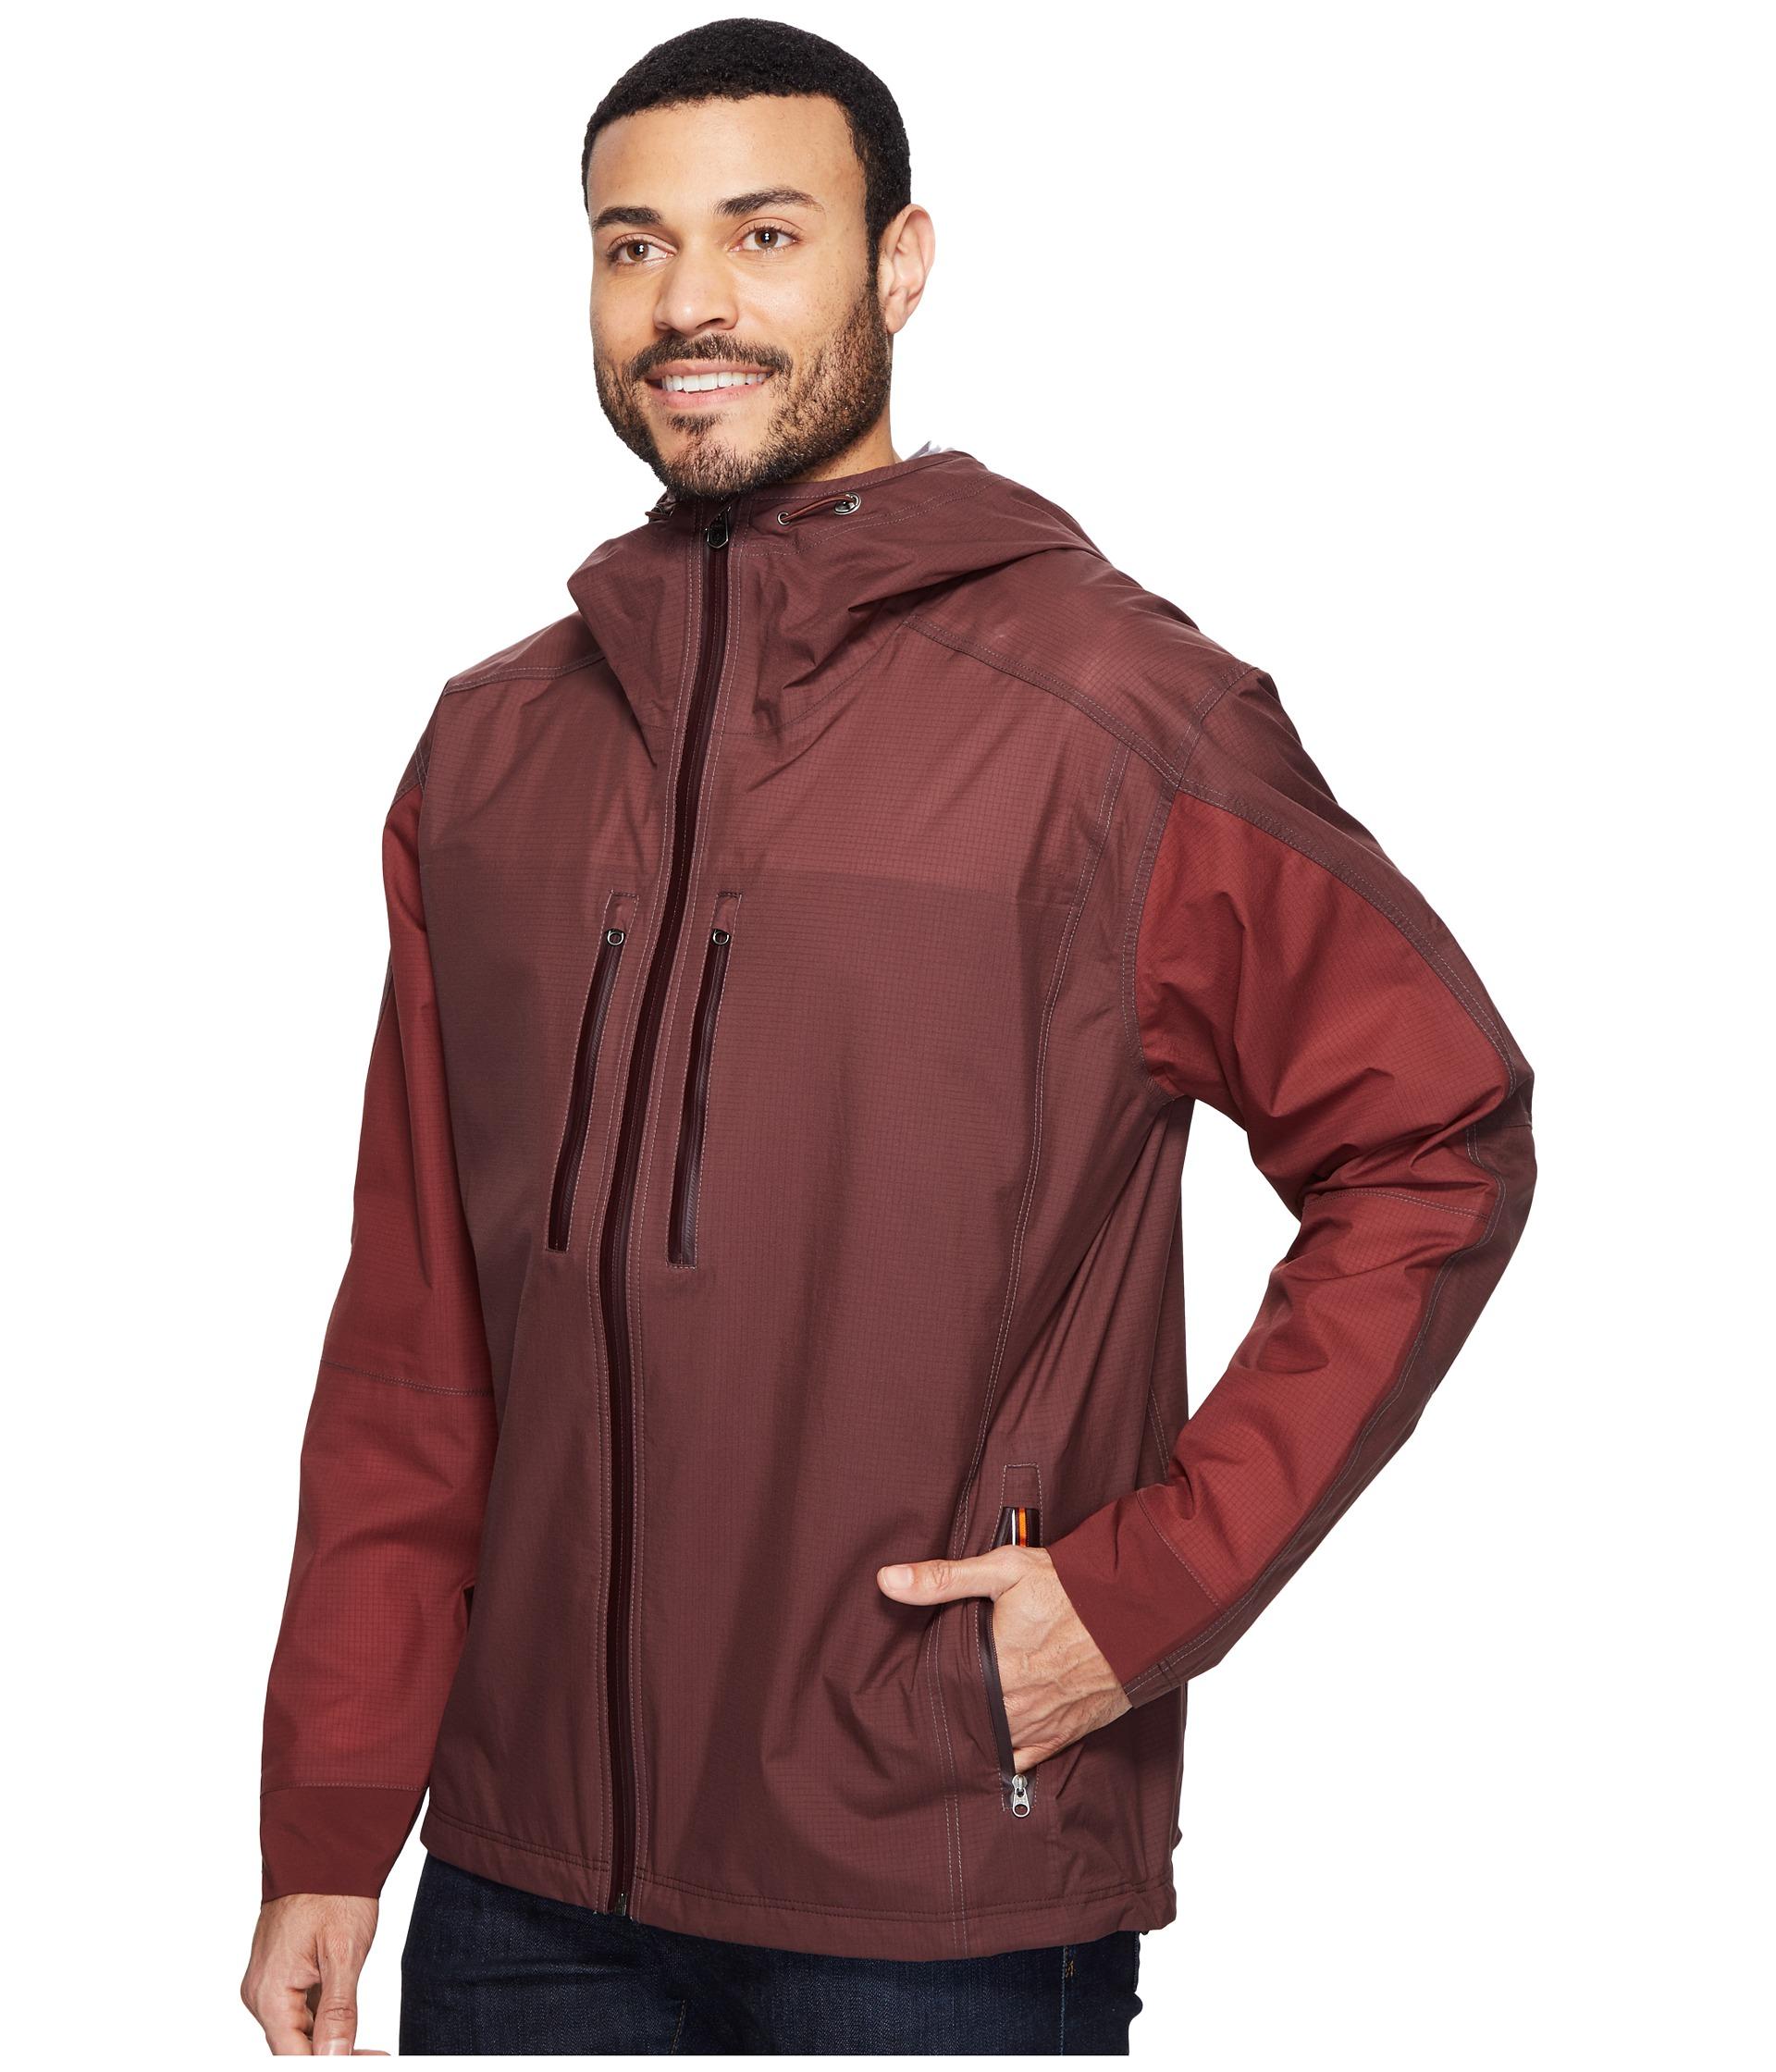 Jetstream jacket brick zappos com free shipping both ways